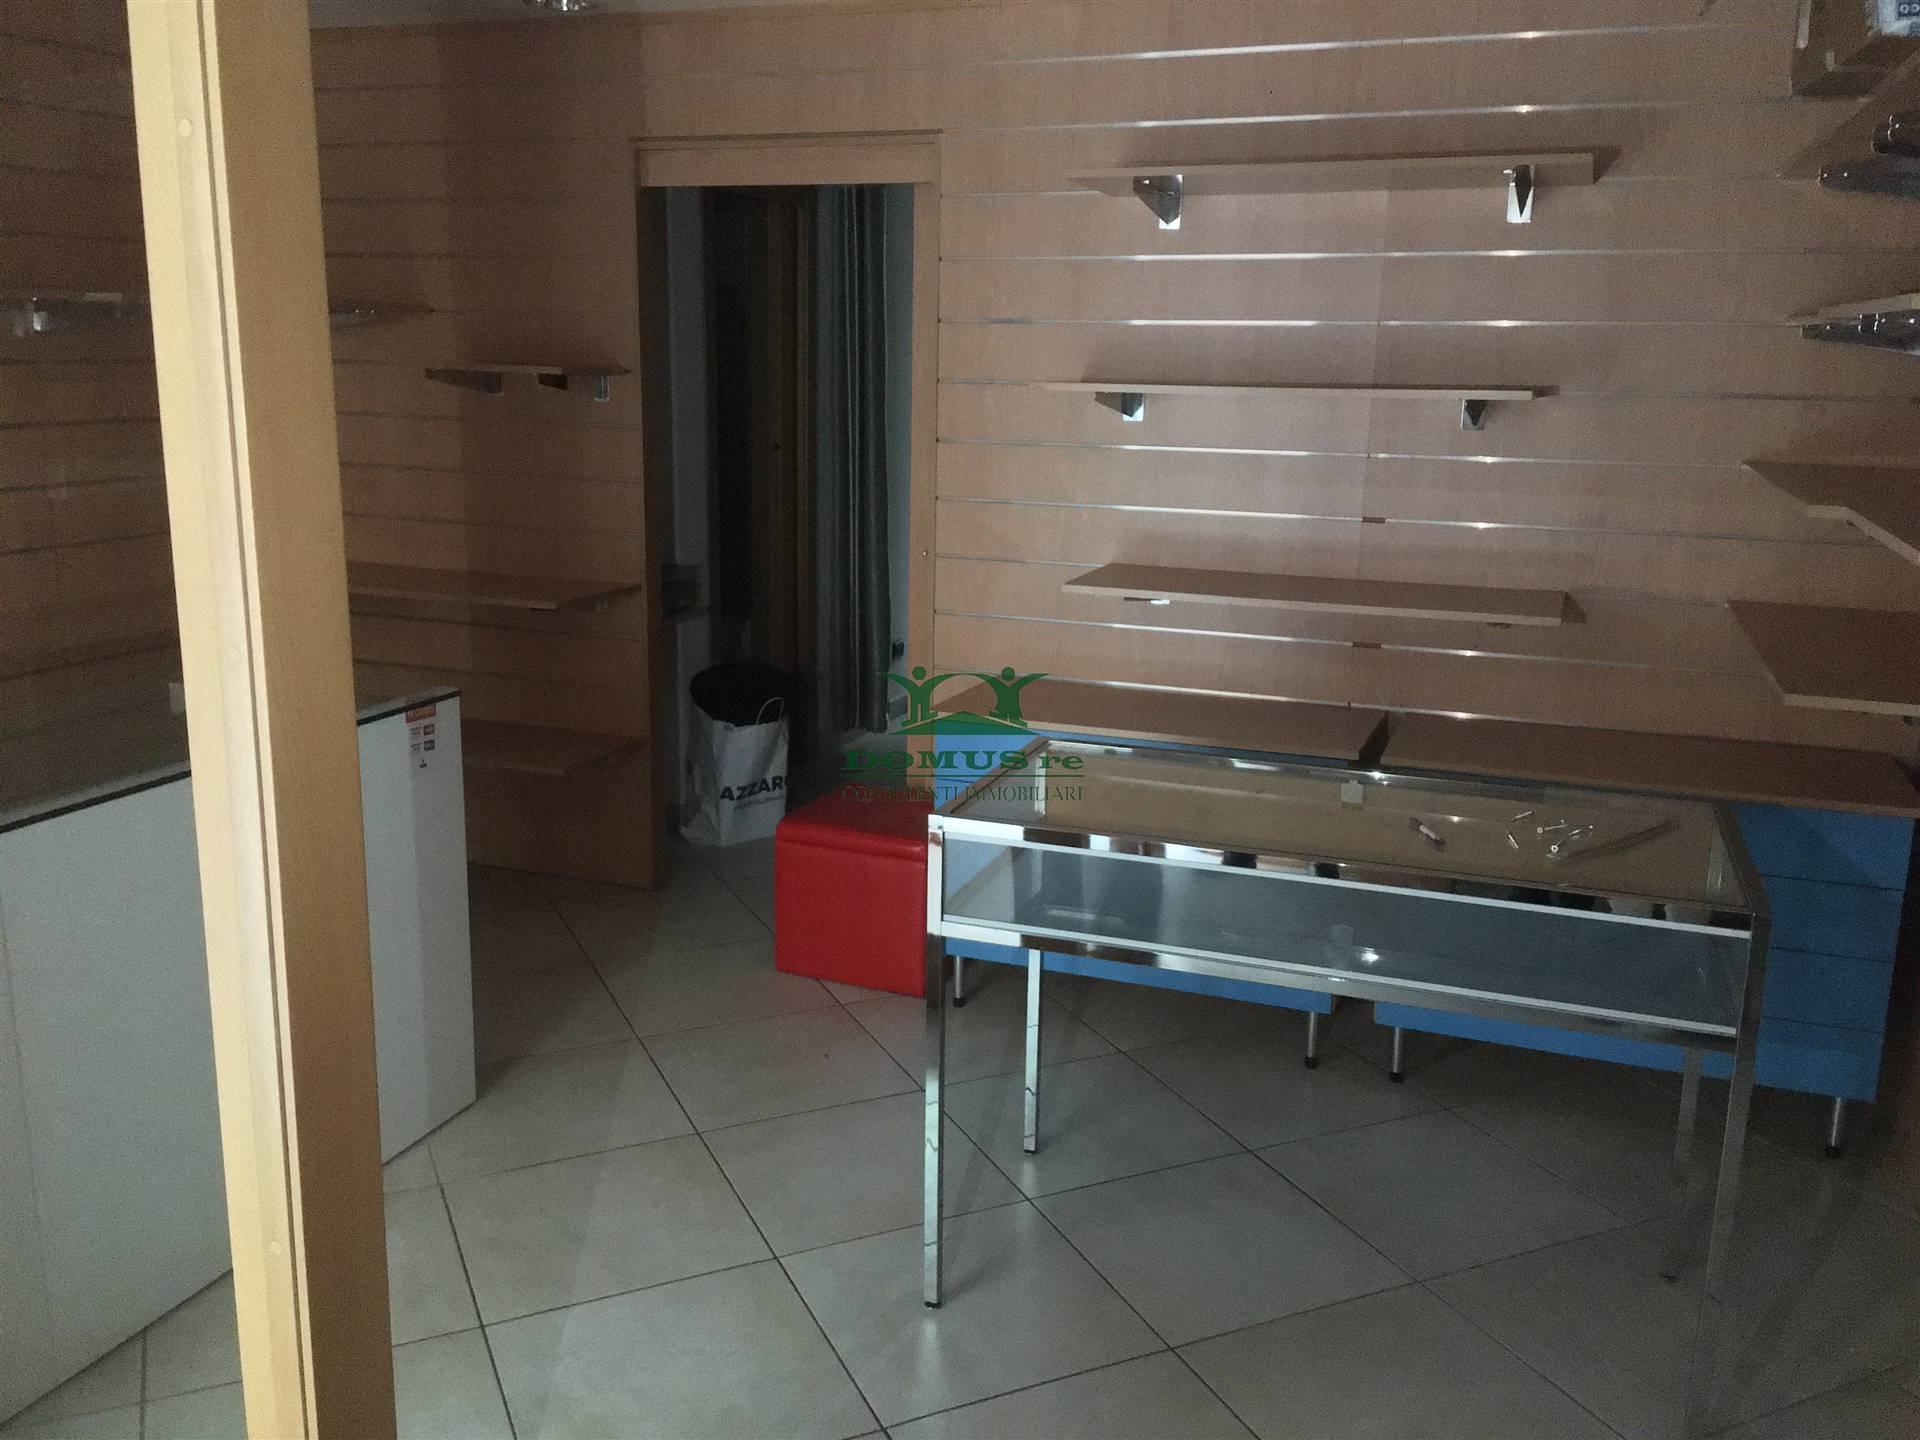 Immobile Commerciale in vendita a Molfetta, 1 locali, prezzo € 45.000 | CambioCasa.it